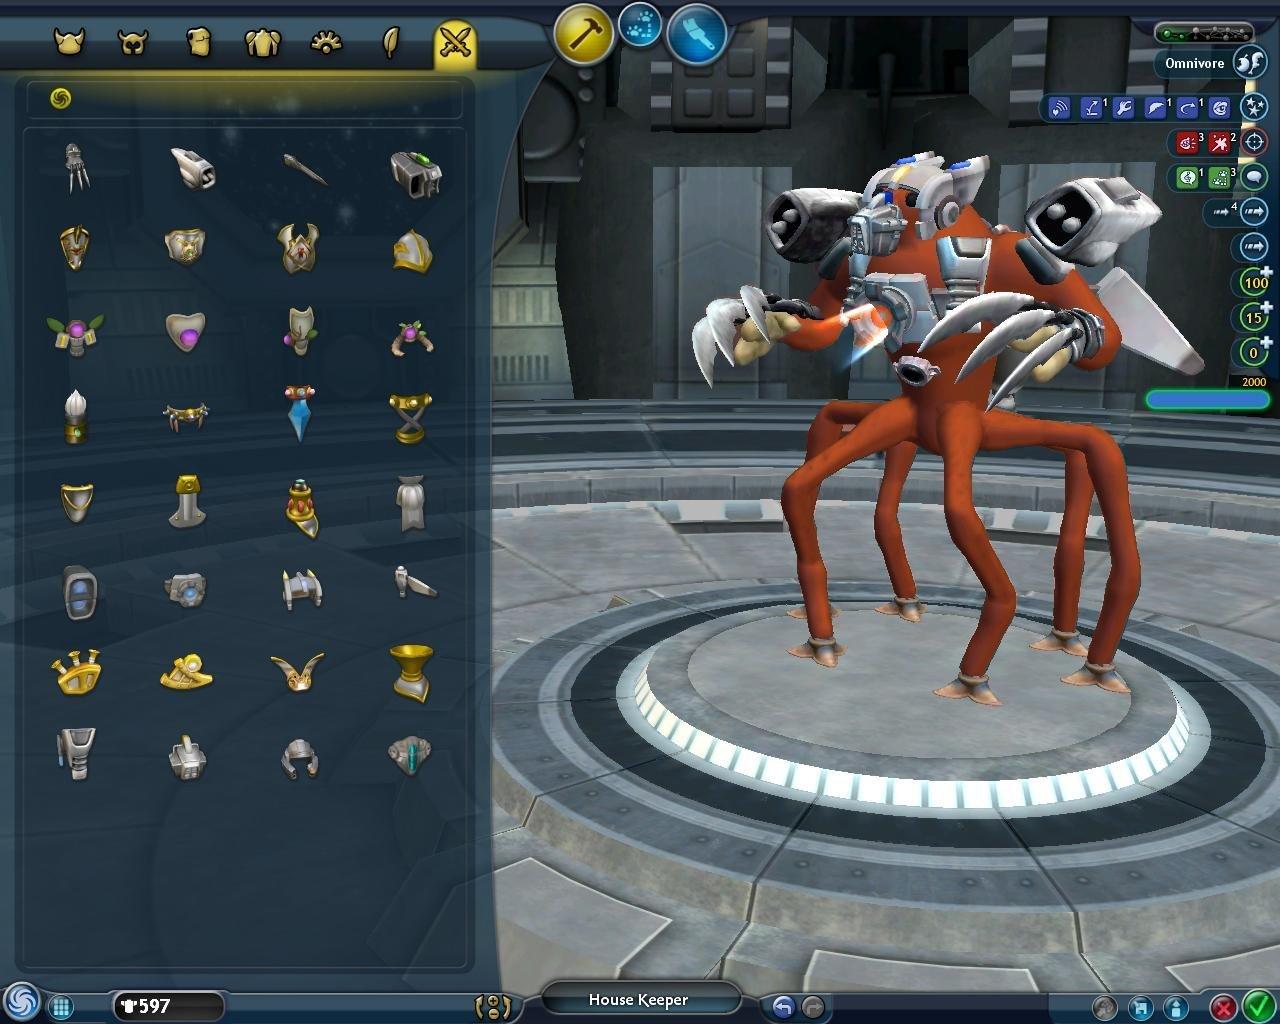 Spore galactic adventures скачать через торрент бесплатно на компьютер.